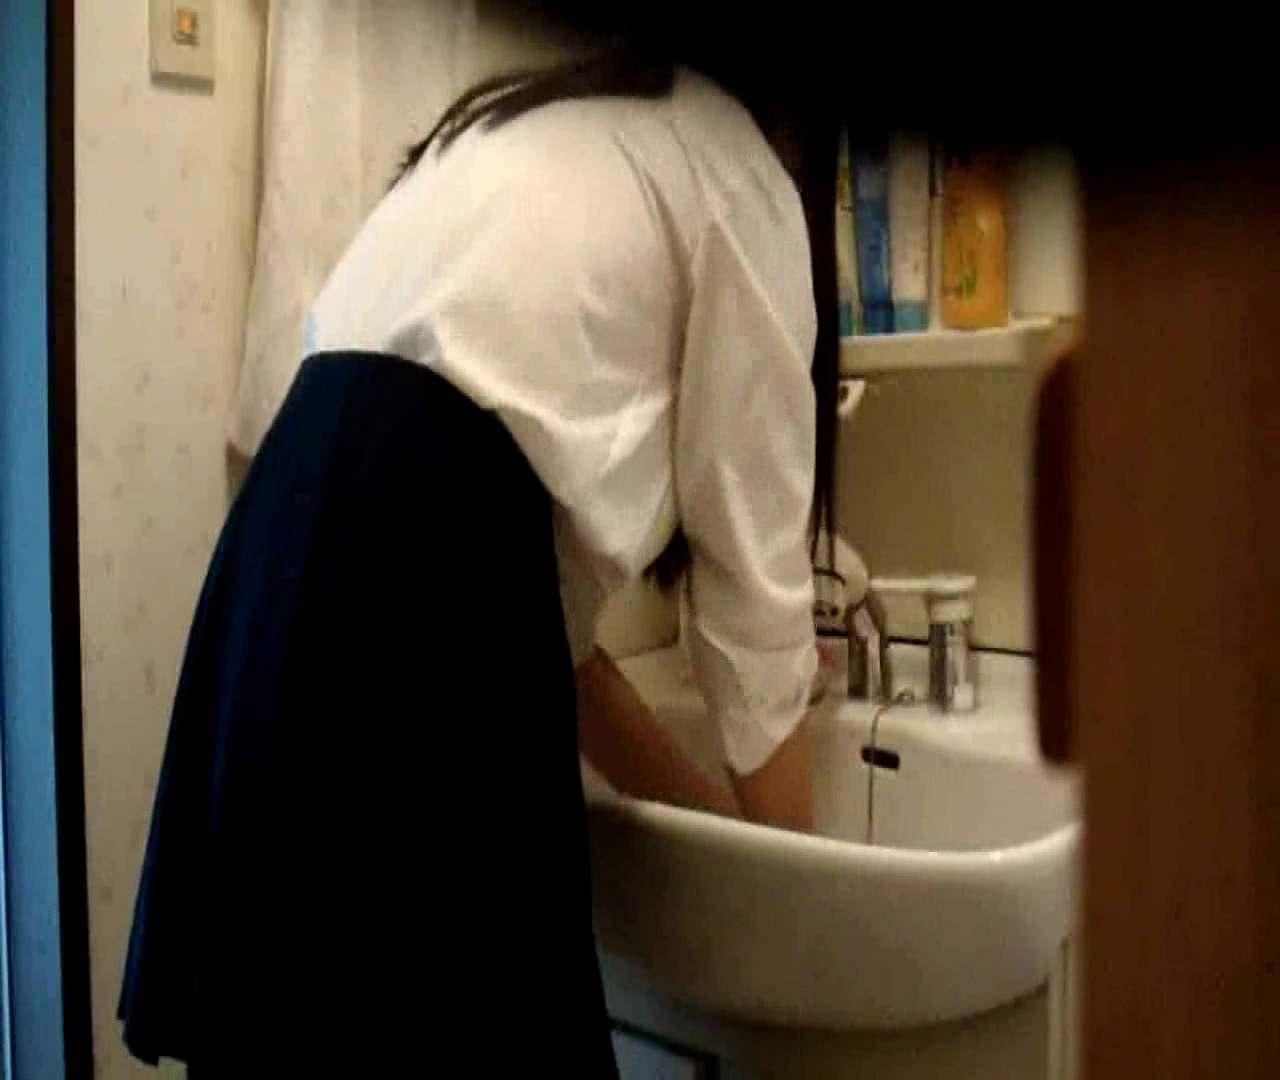 二人とも育てた甲斐がありました… vol.05 まどかが洗顔後にブラを洗濯 盗撮シリーズ  79PIX 66